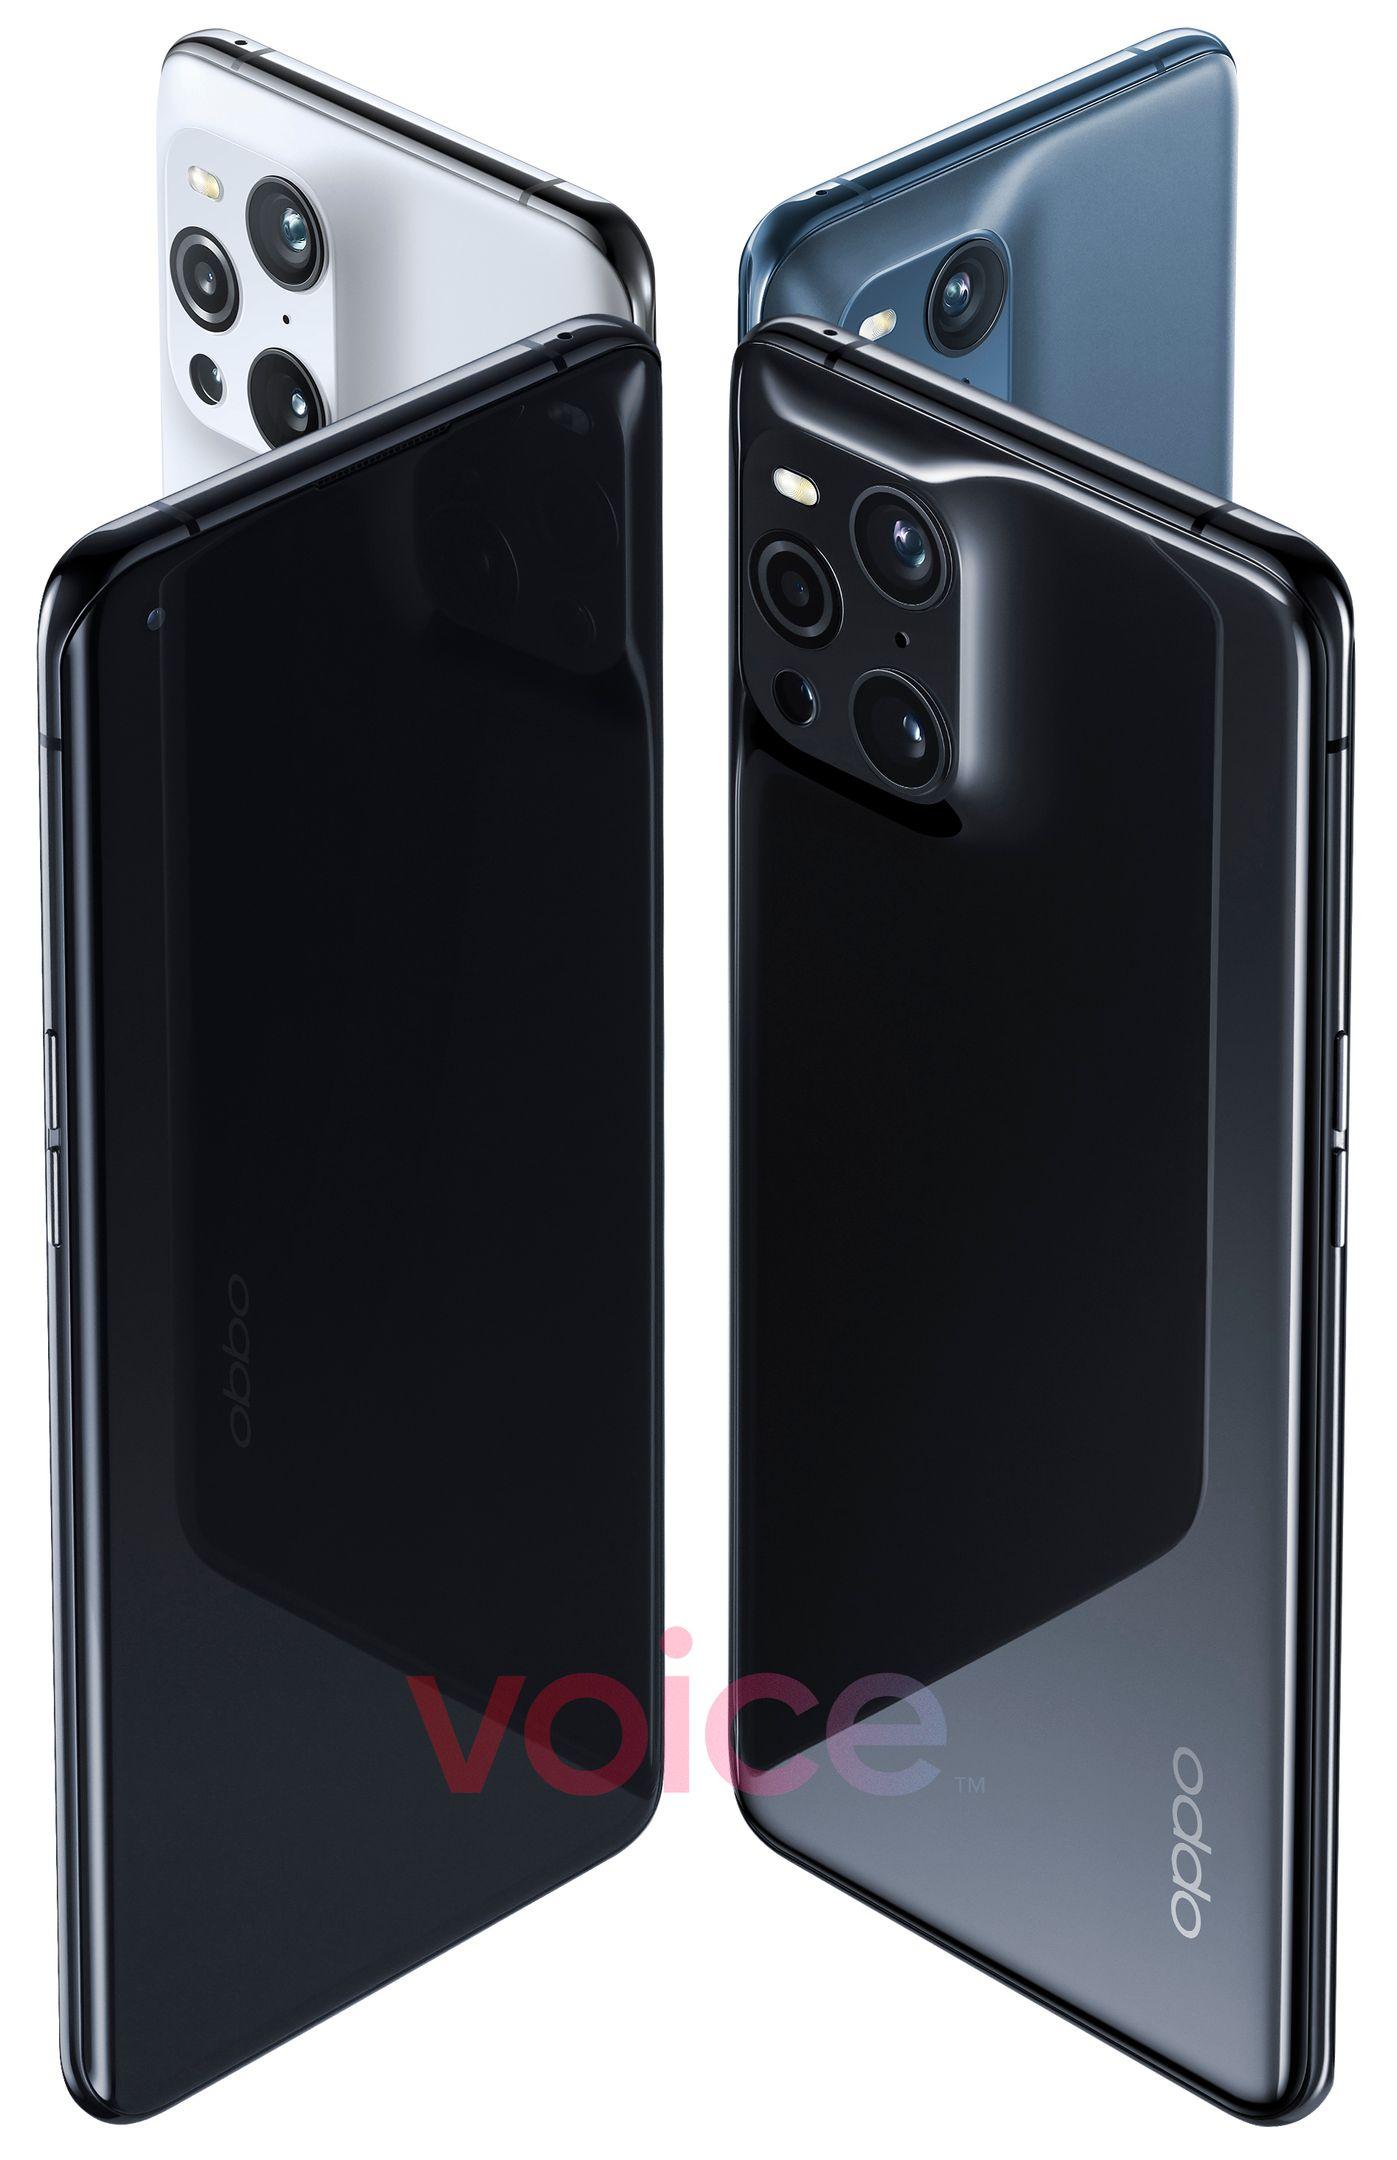 【更新:官宣发布日期】OPPO FIND X3 Pro 官方渲染图曝光,镜头排列疑似撞脸 iPhone 12 Pro,预计 2021 年第一季度发布? 14